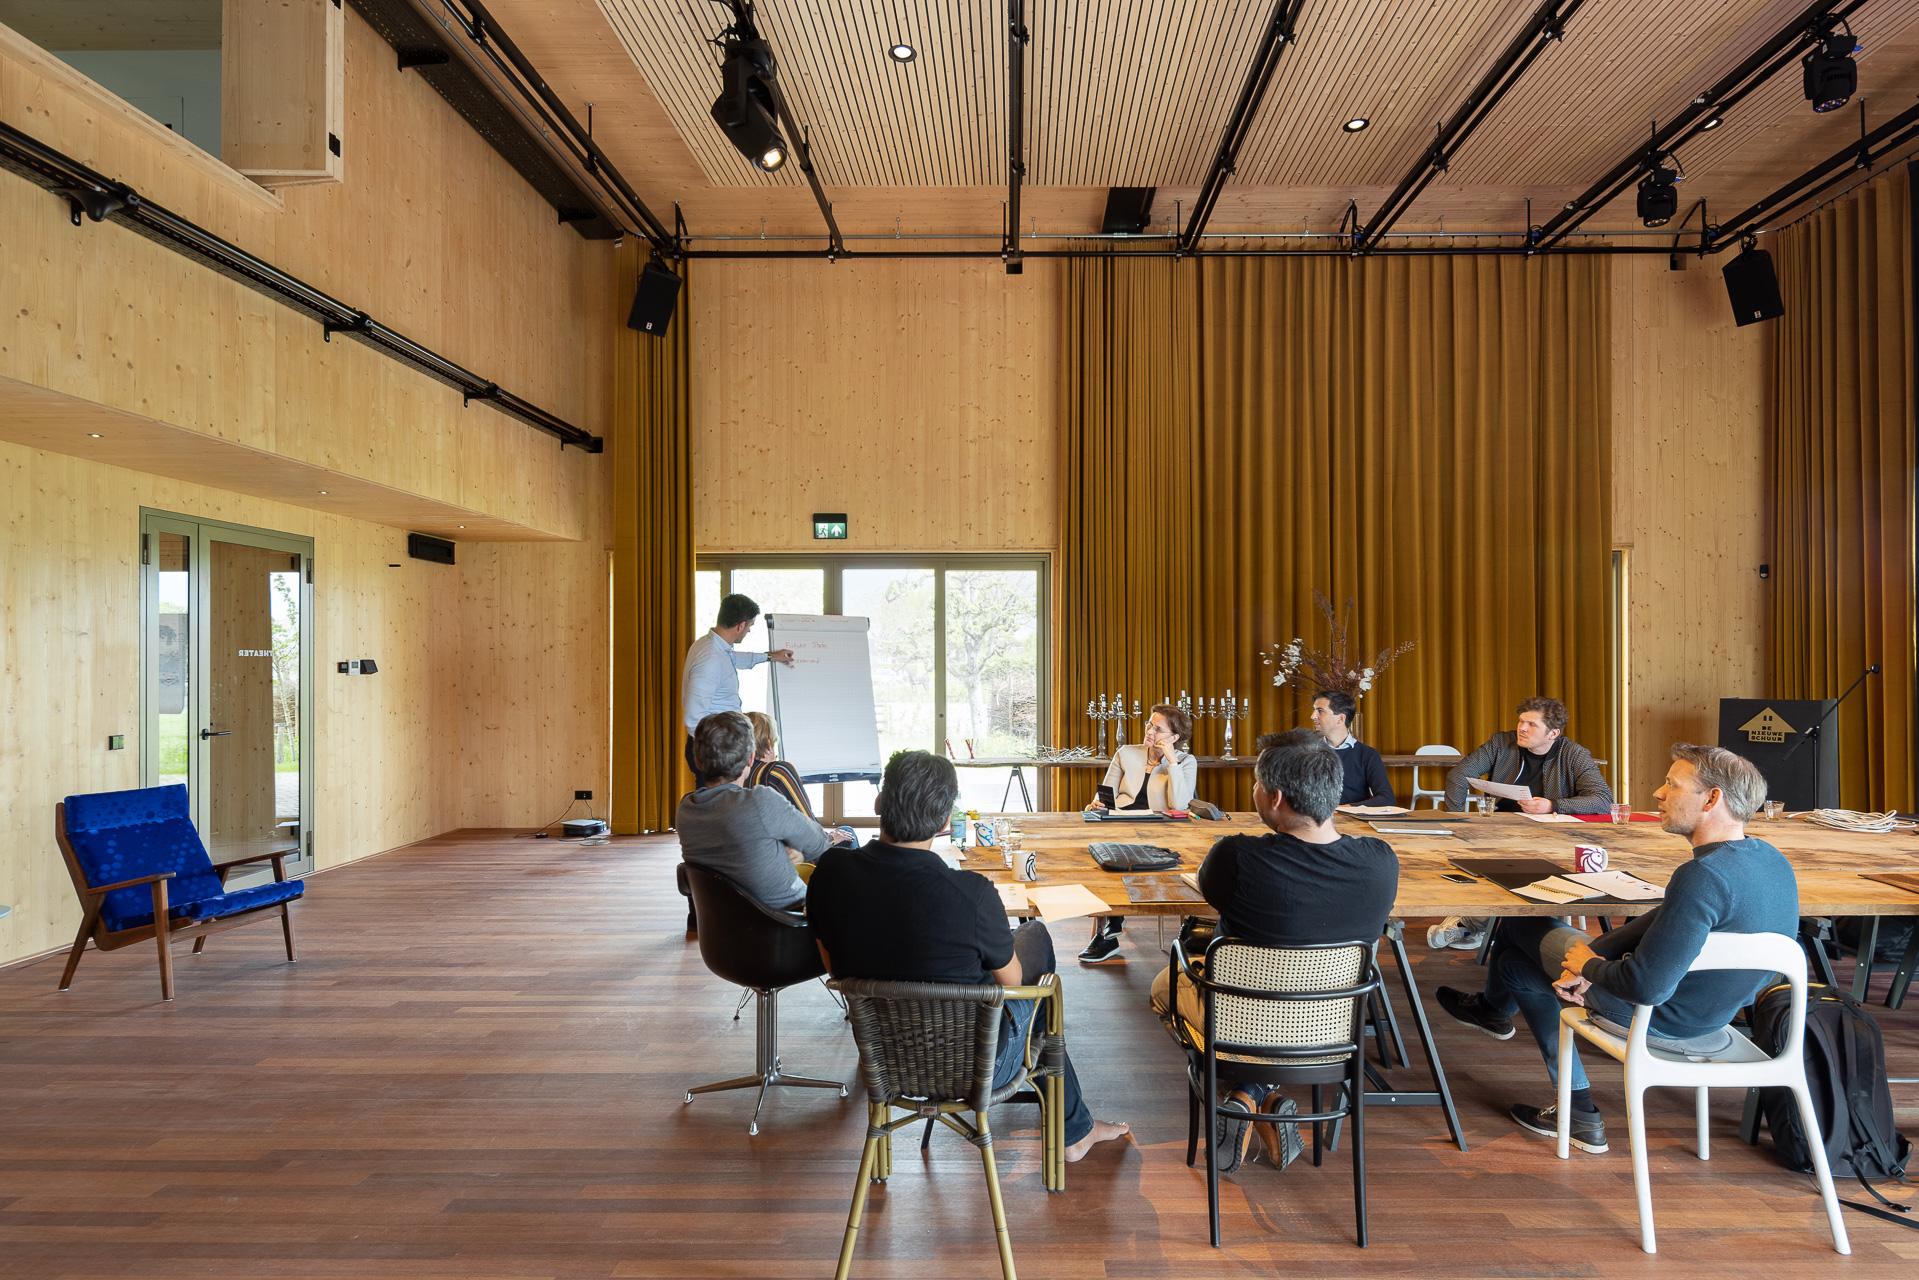 SP2021-Architectuurfotografie-De-Nieuwe-Schuur-Mecanoo-6